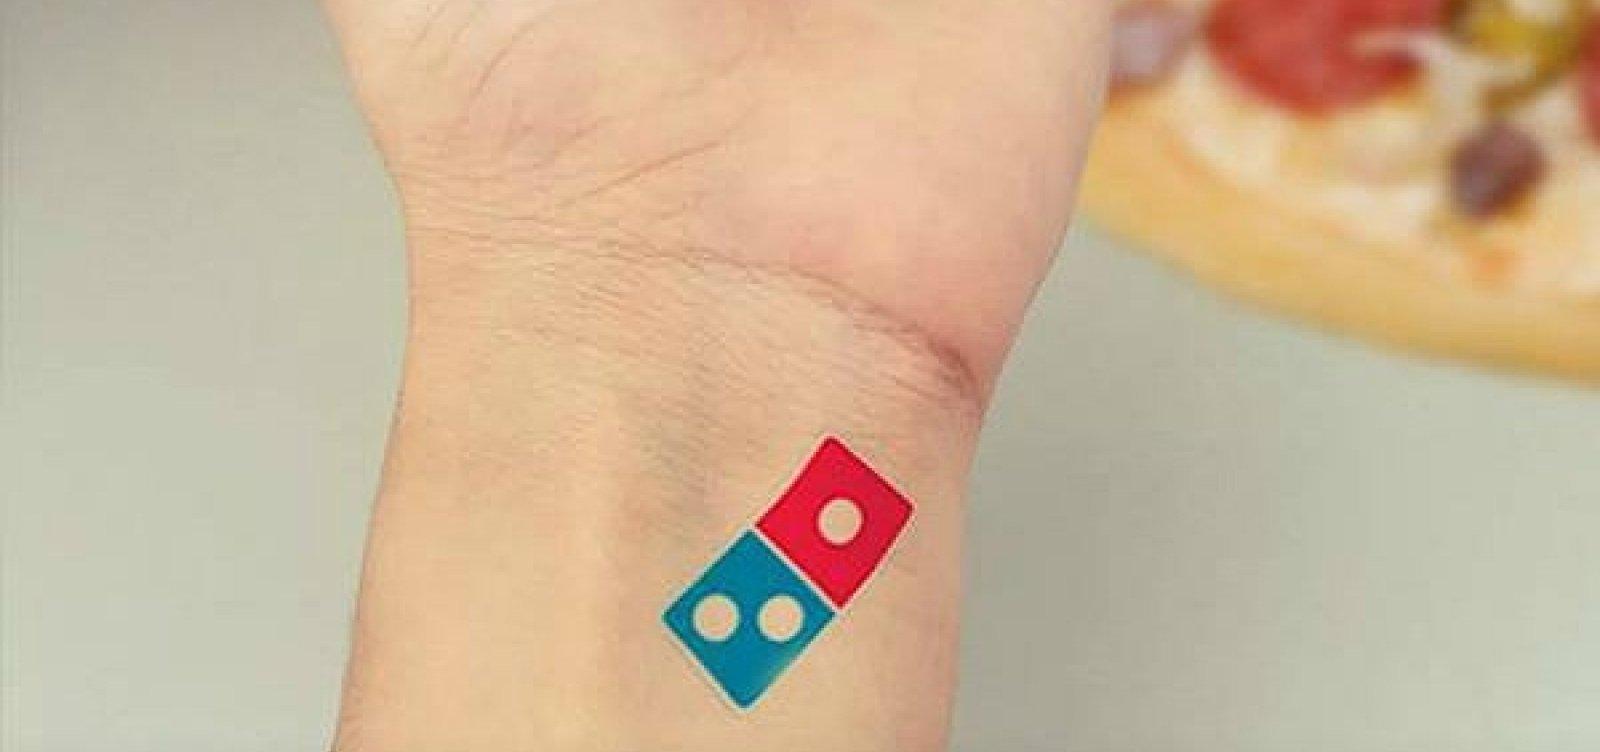 Domino's dá 100 anos de pizza grátis para quem tatuasse logo da marca